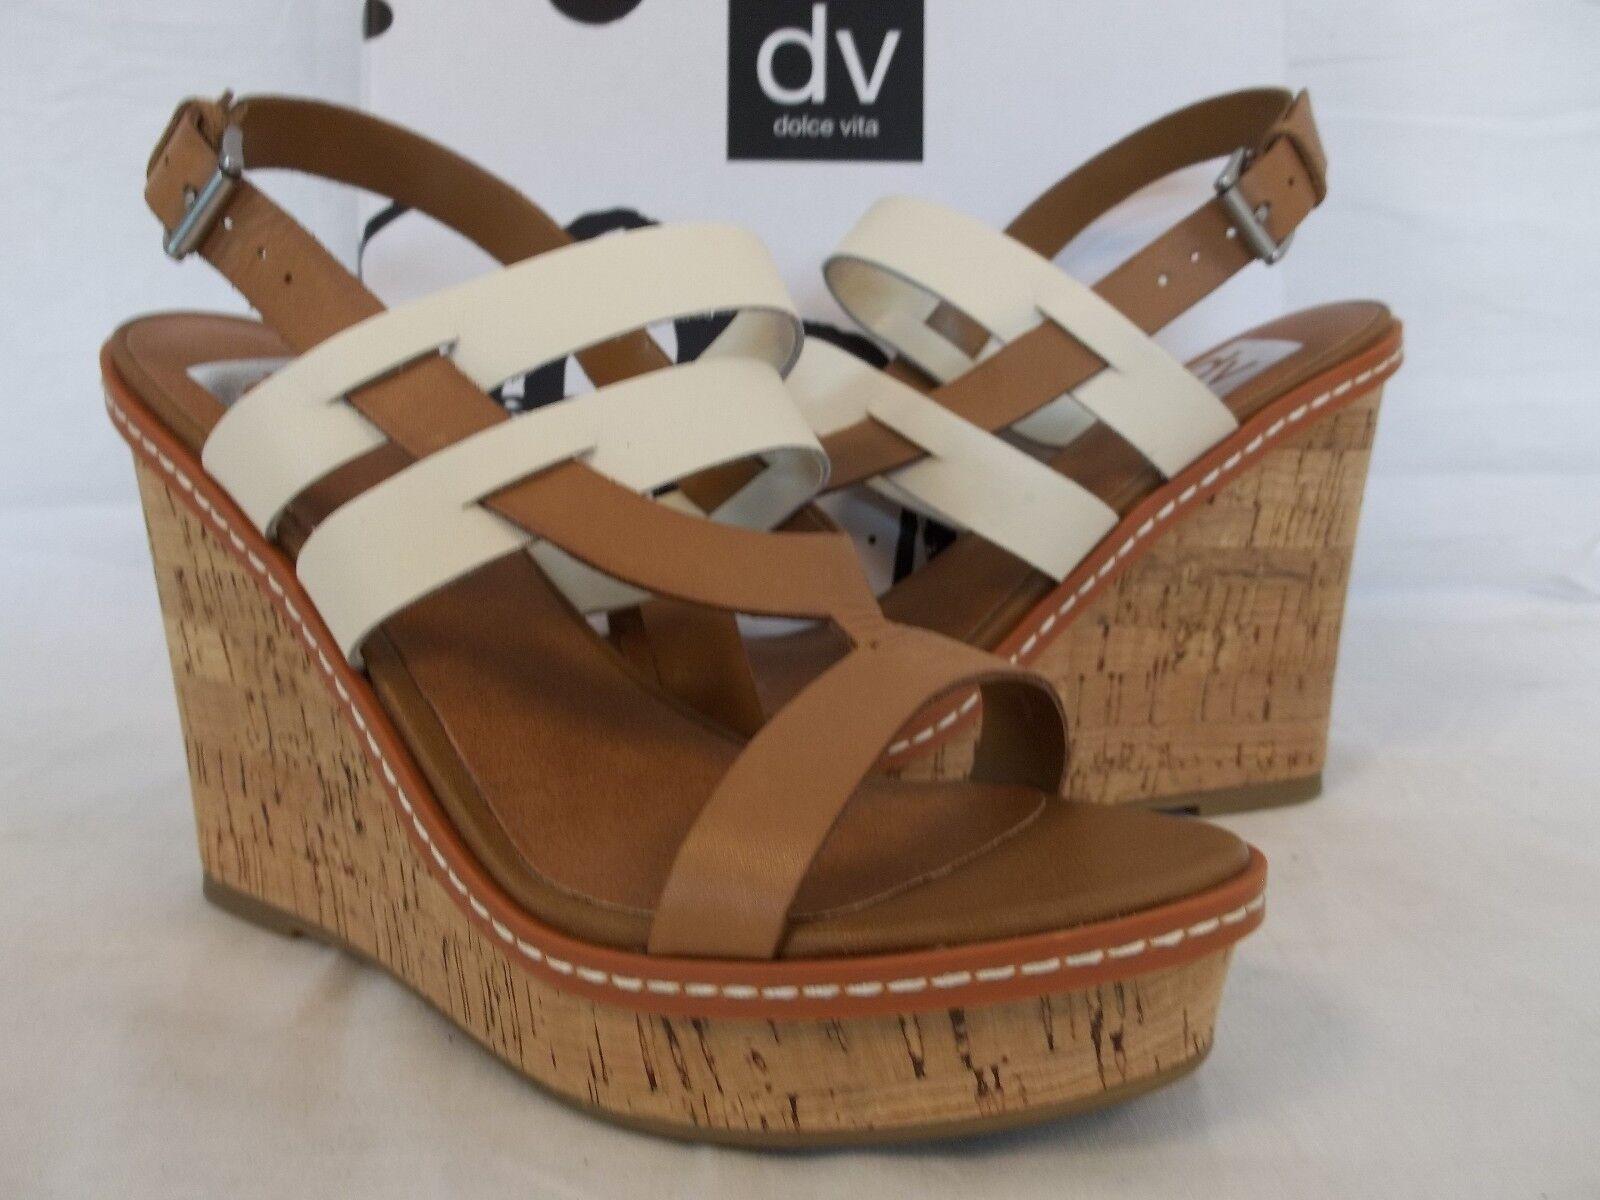 Dolce Vita Bone Sz 9.5 M Jillian Bone Vita Honey Leder Open Toe Wedges New Damenschuhe Schuhes 10c856